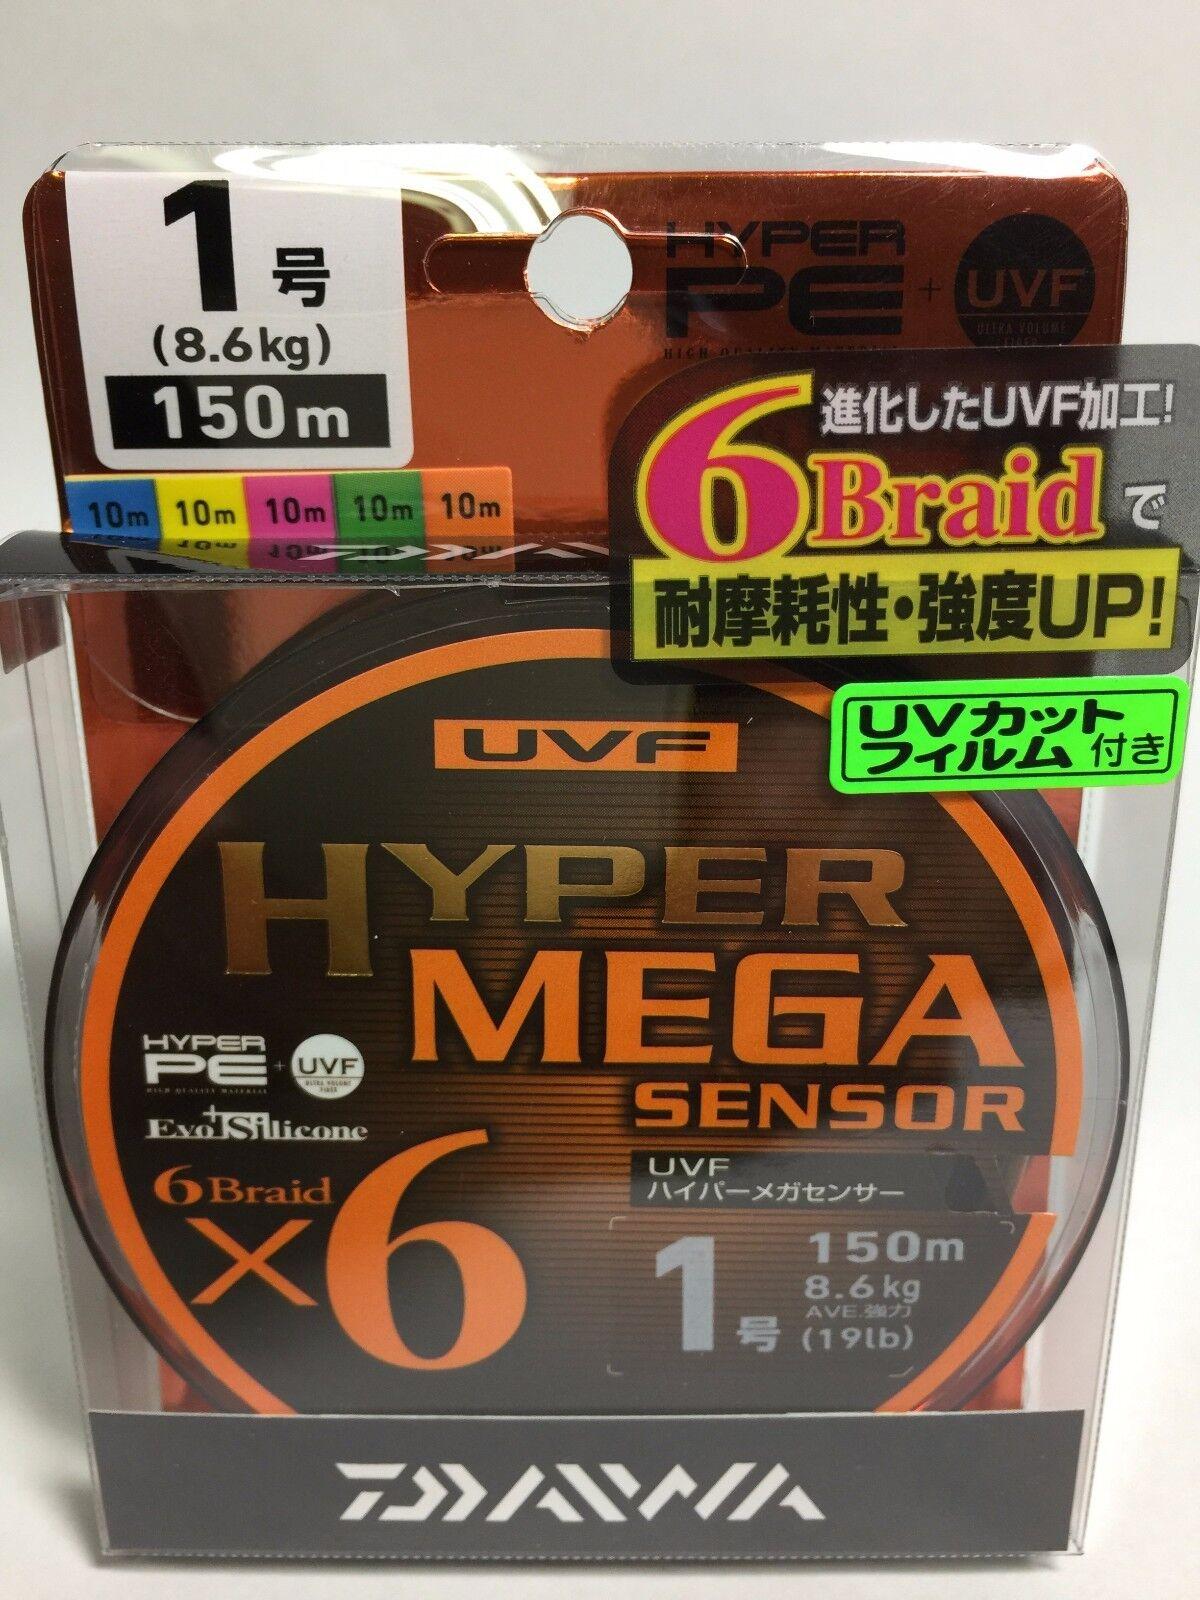 50987) El sensor de Daiwa voluntaria HYPER Mega X6  1 (19lb 8.6kg) 6 150m línea de polietileno trenzado